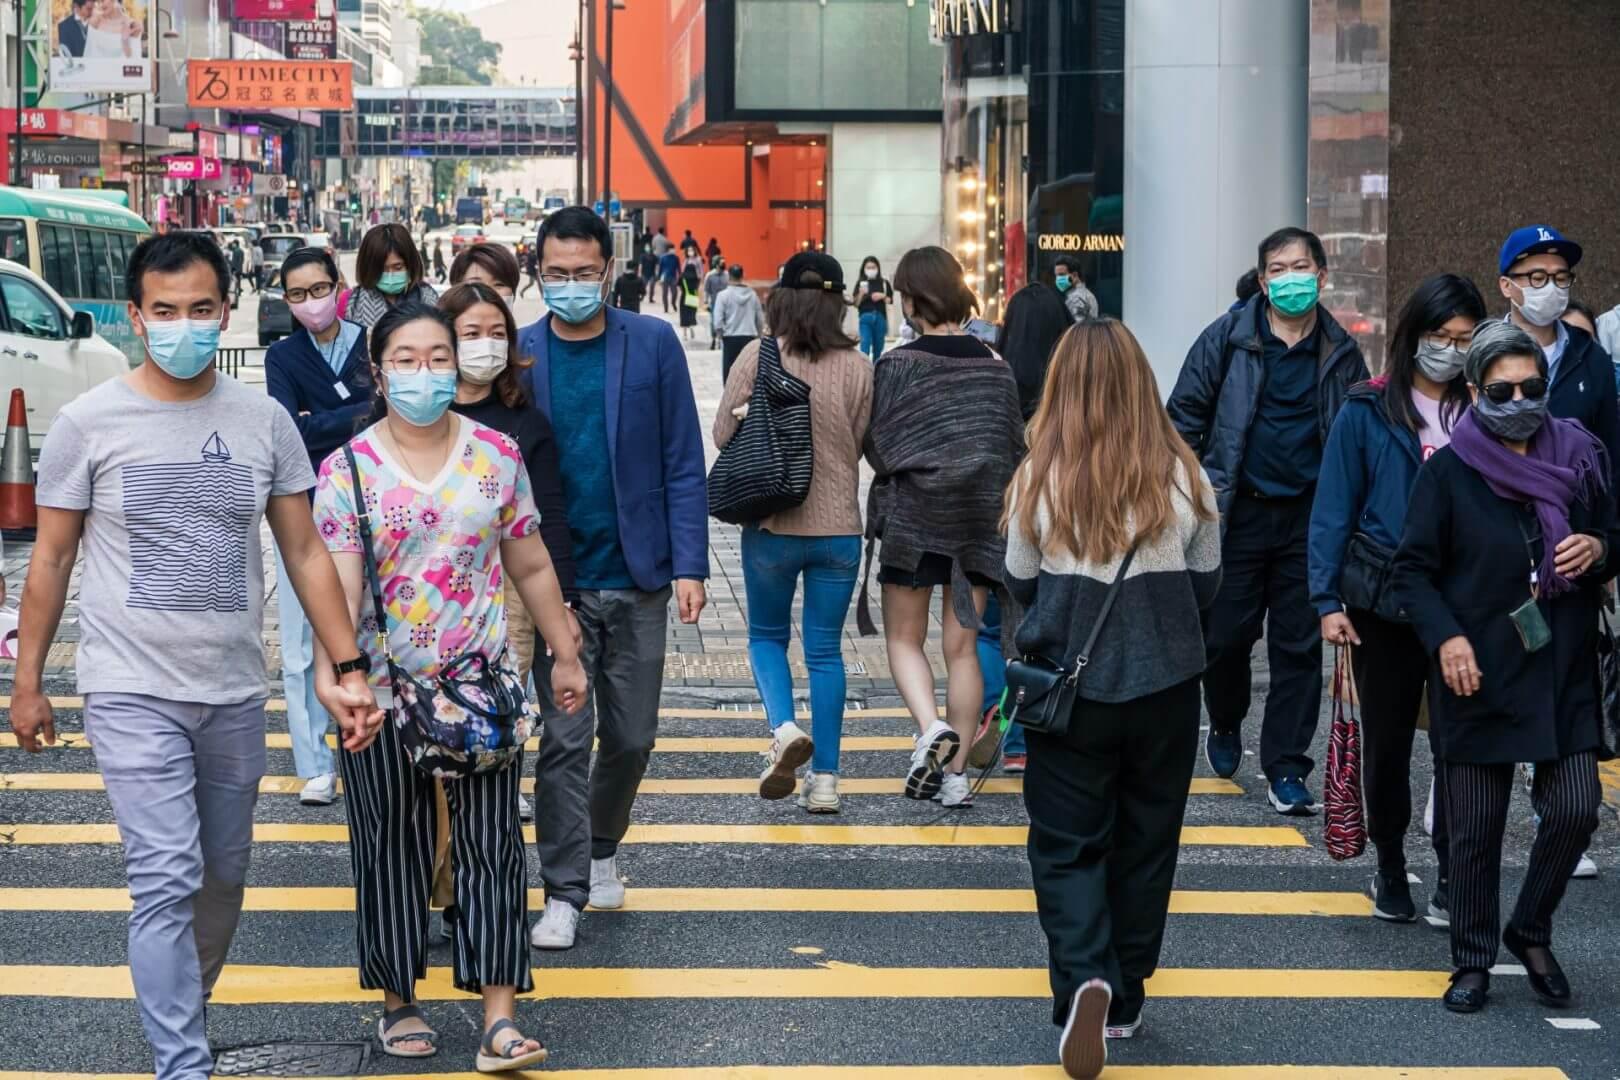 Ubezpieczenie Chiny – dlaczego warto je wykupić?